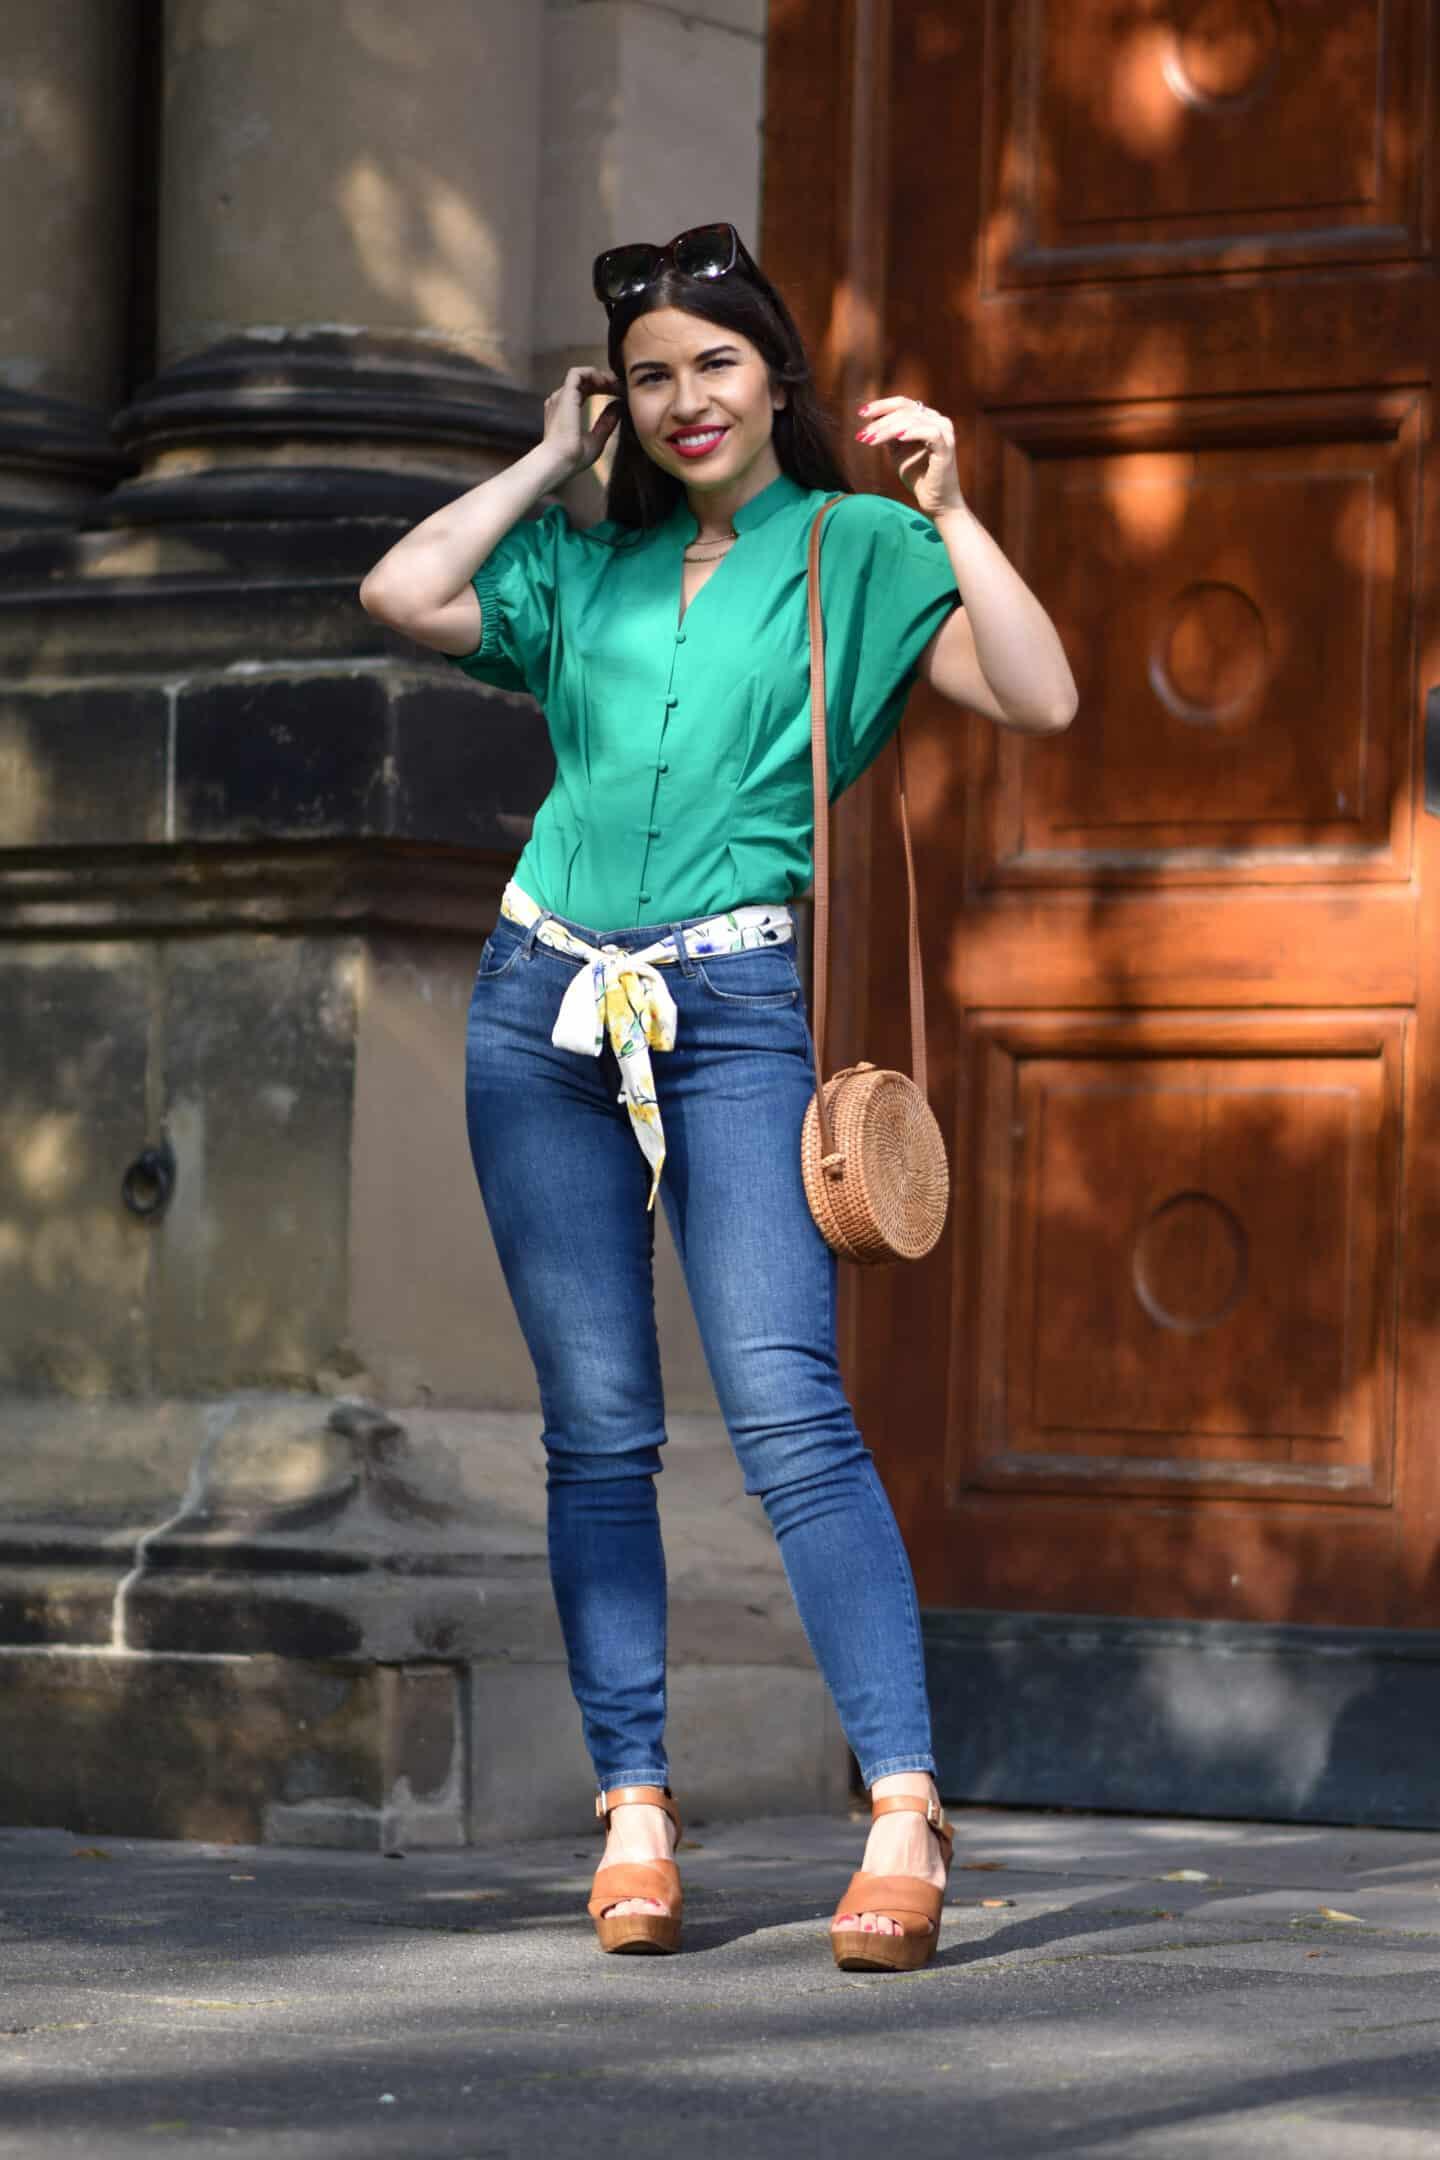 Baumwollbluse im Sommerlook mit Jeans